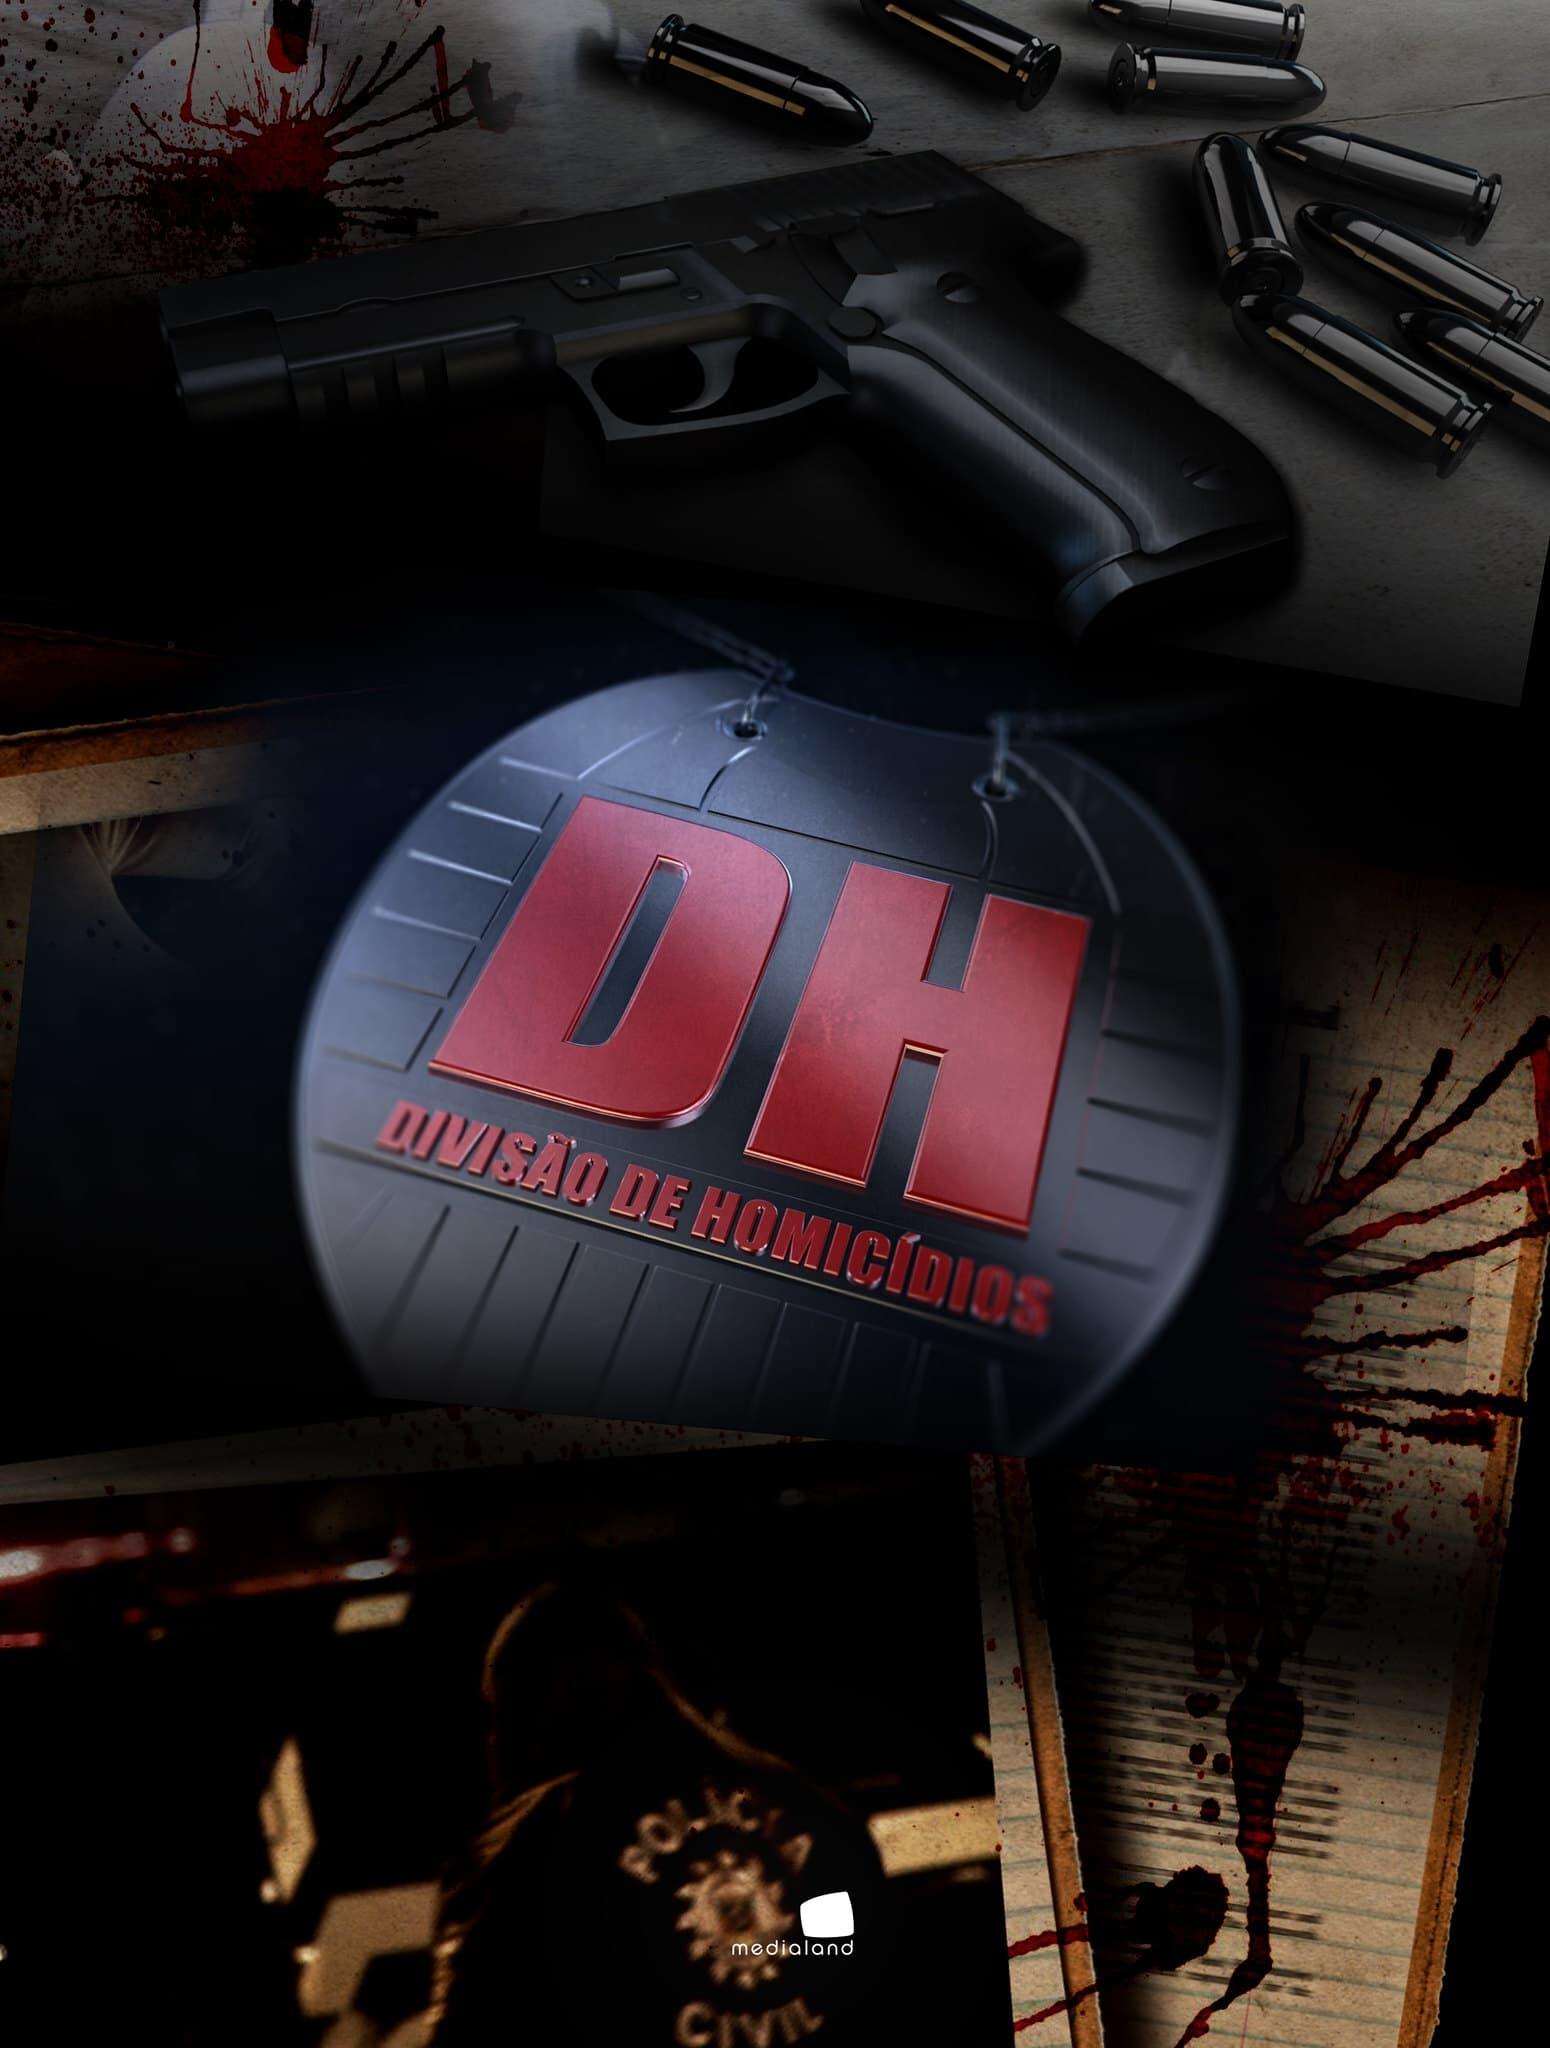 DH - Divisão de Homicídios